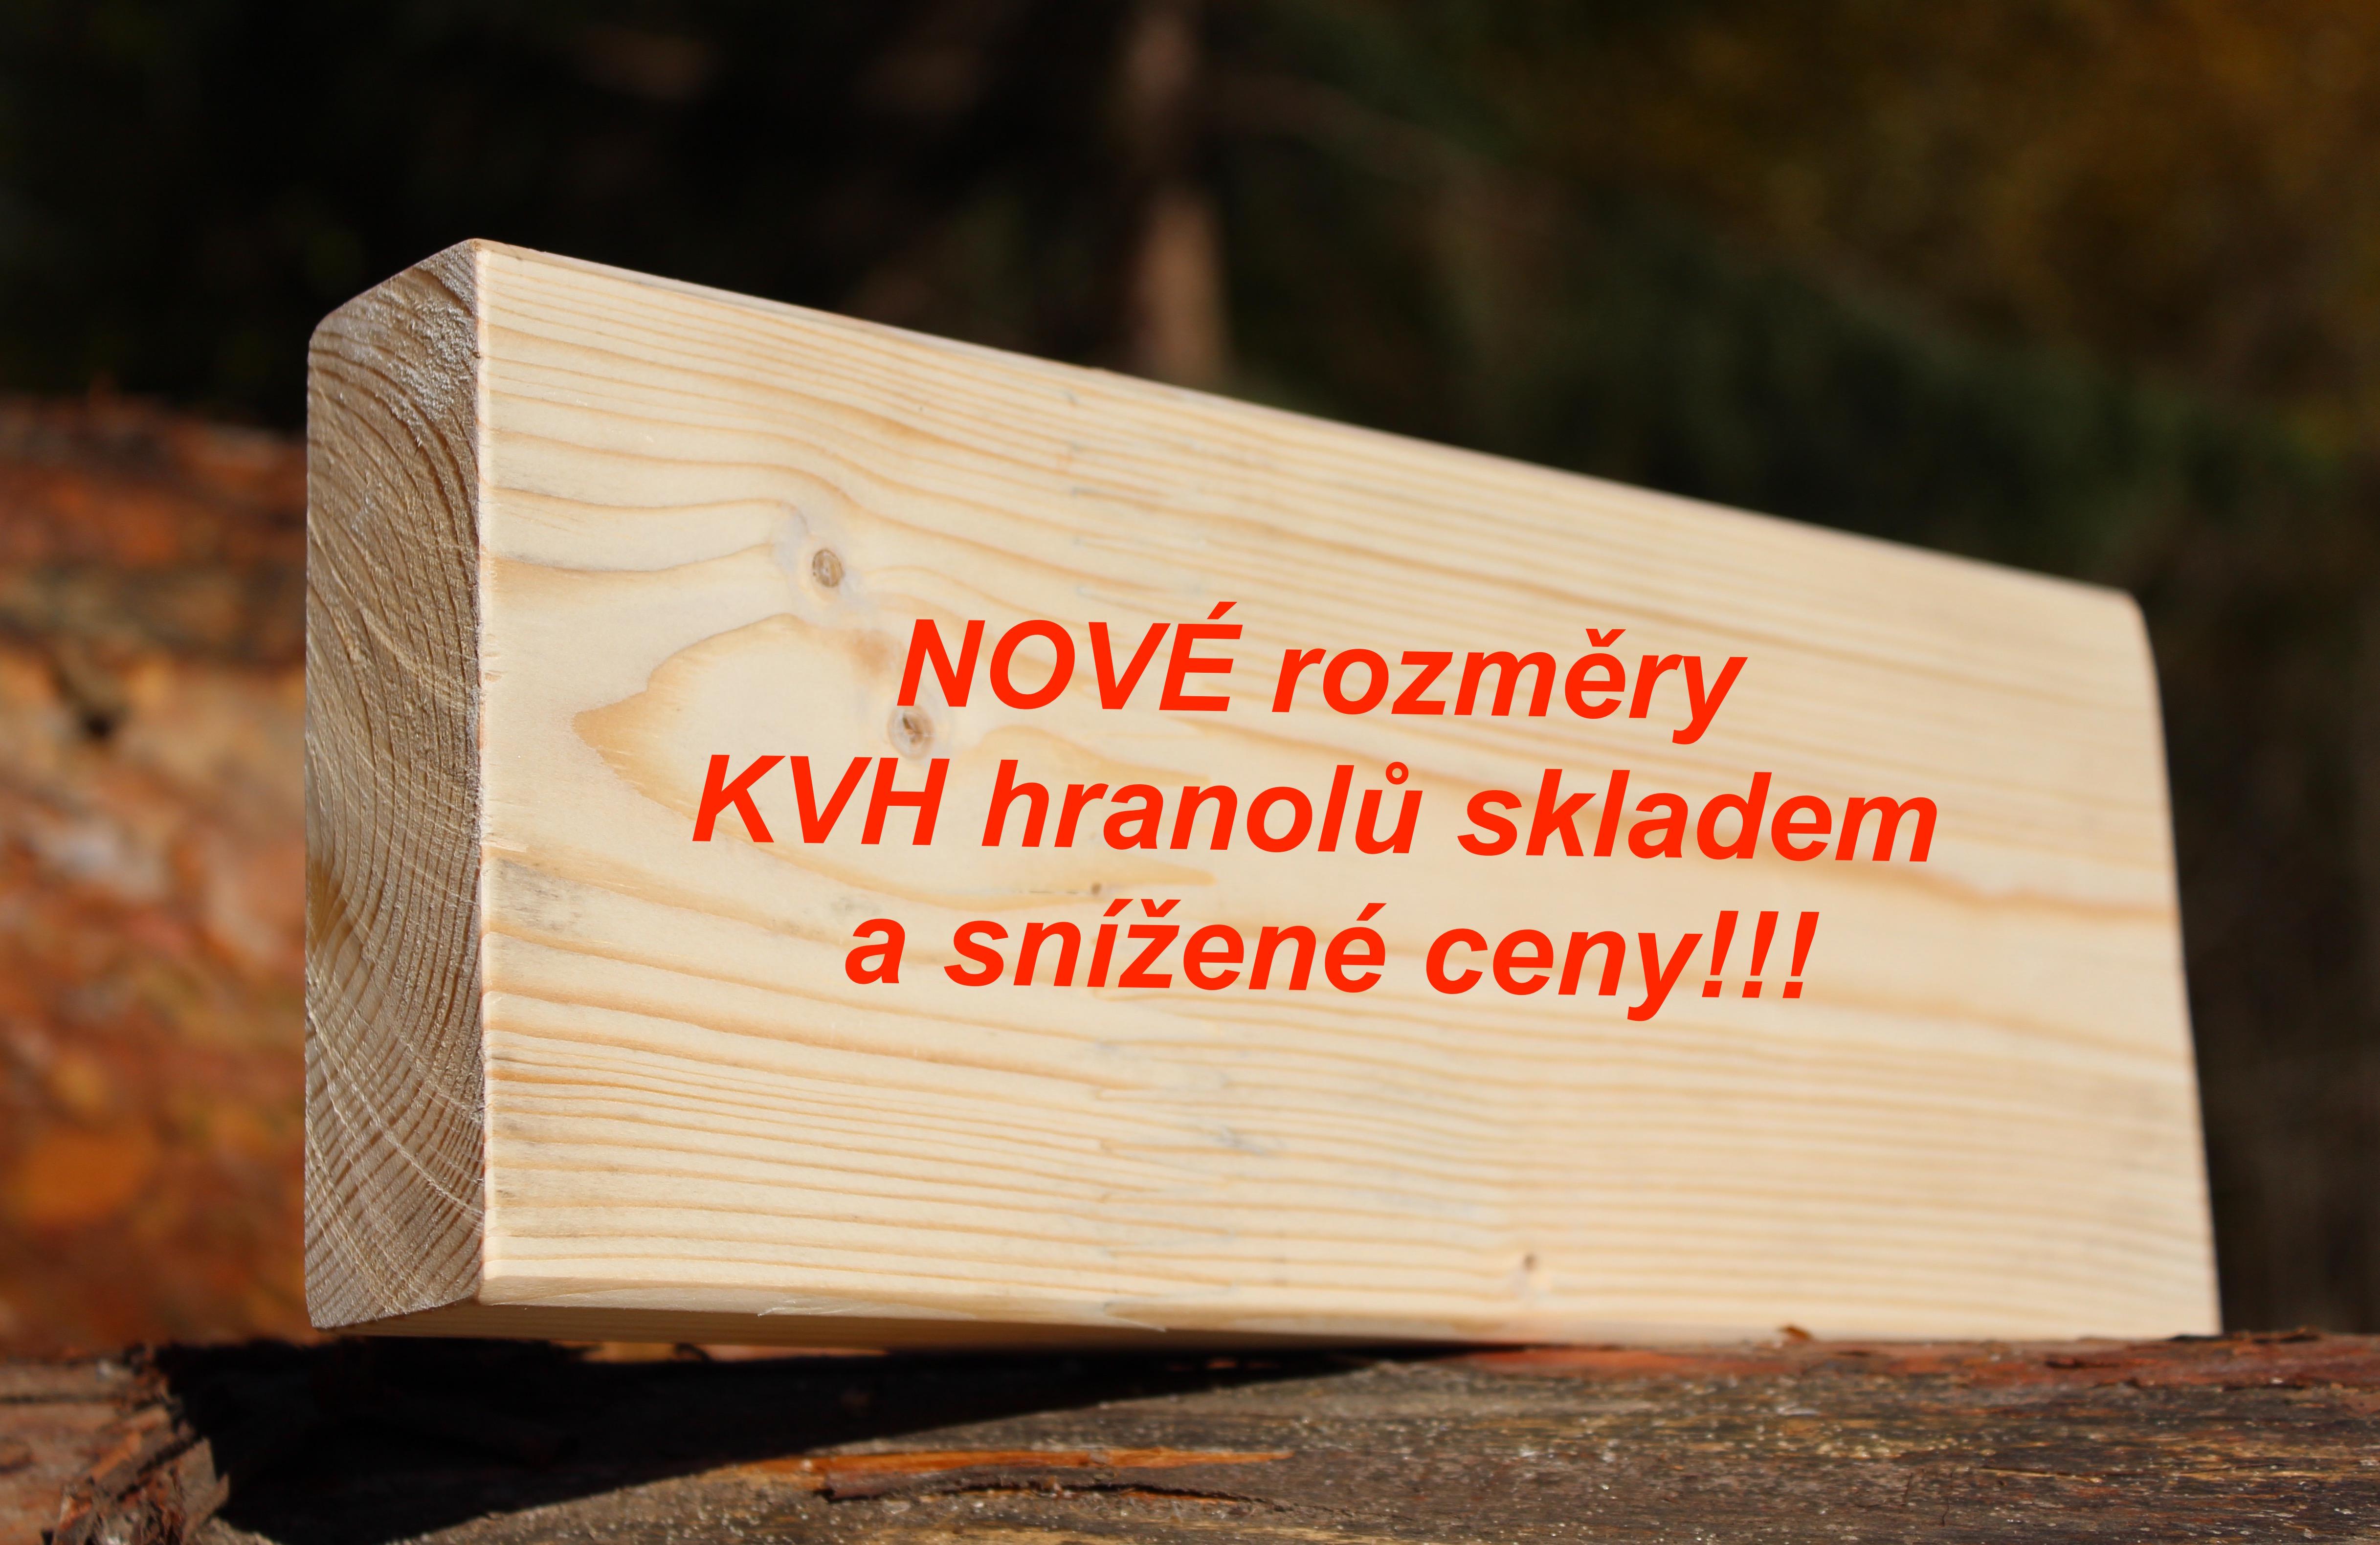 Snížené ceny a rozšíření sortimentu KVH hranolů